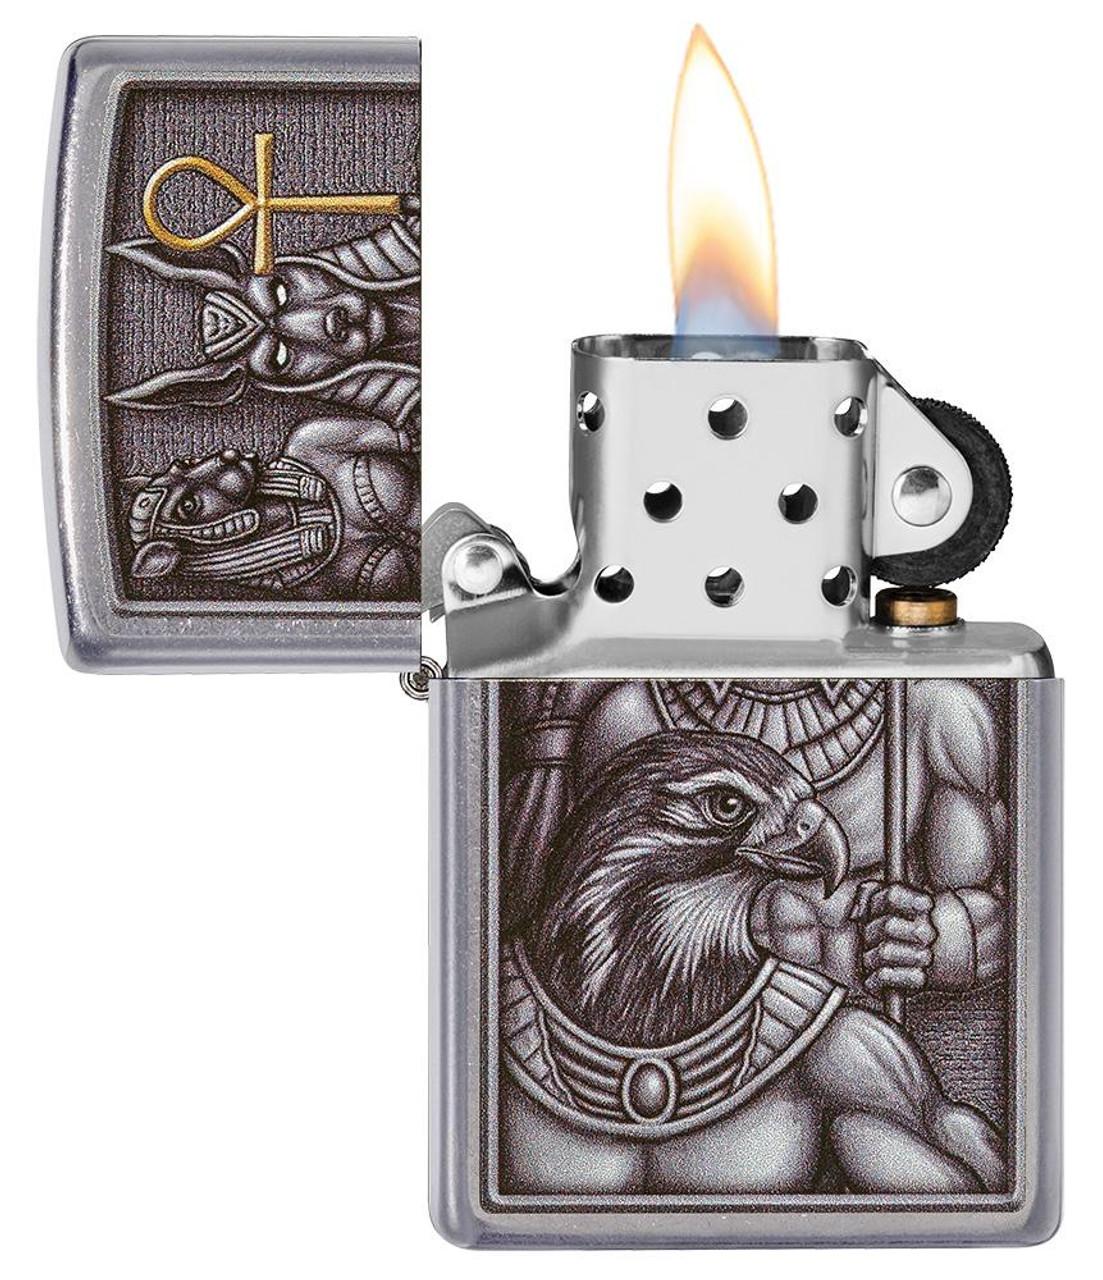 Zippo 49406-000003 Egyptian Gods Design Lighter